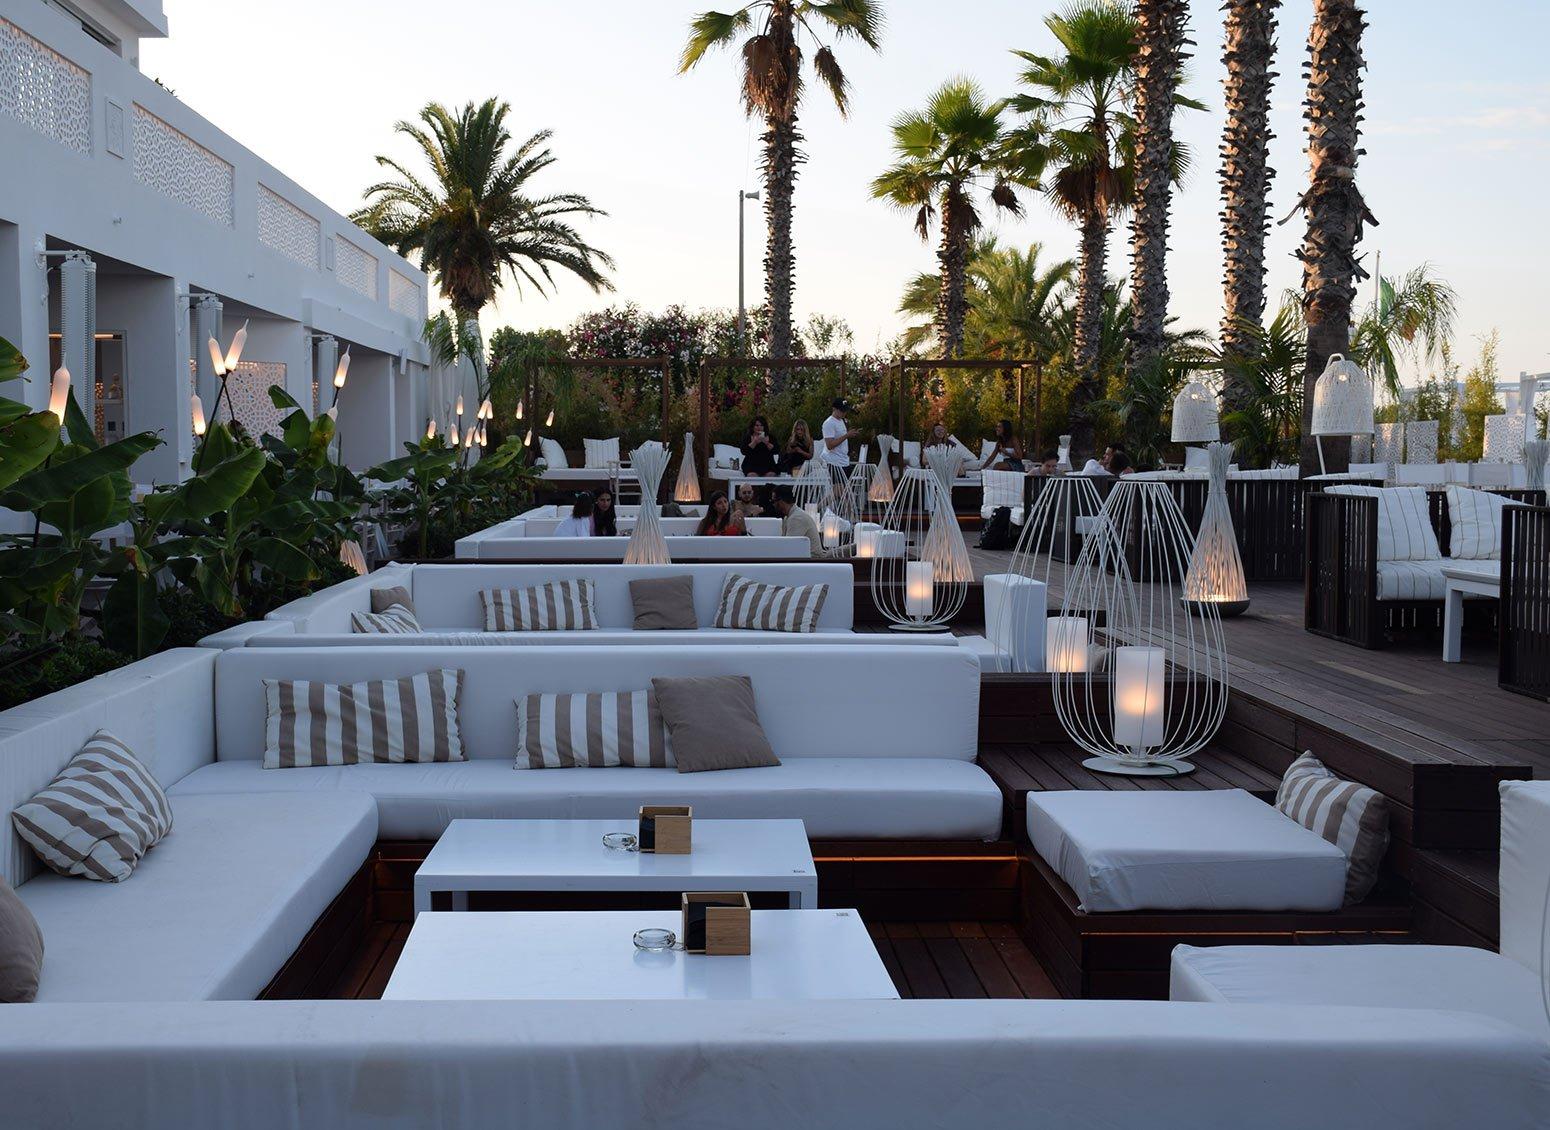 karman-illuminazione-esterna-ristoranti-bar